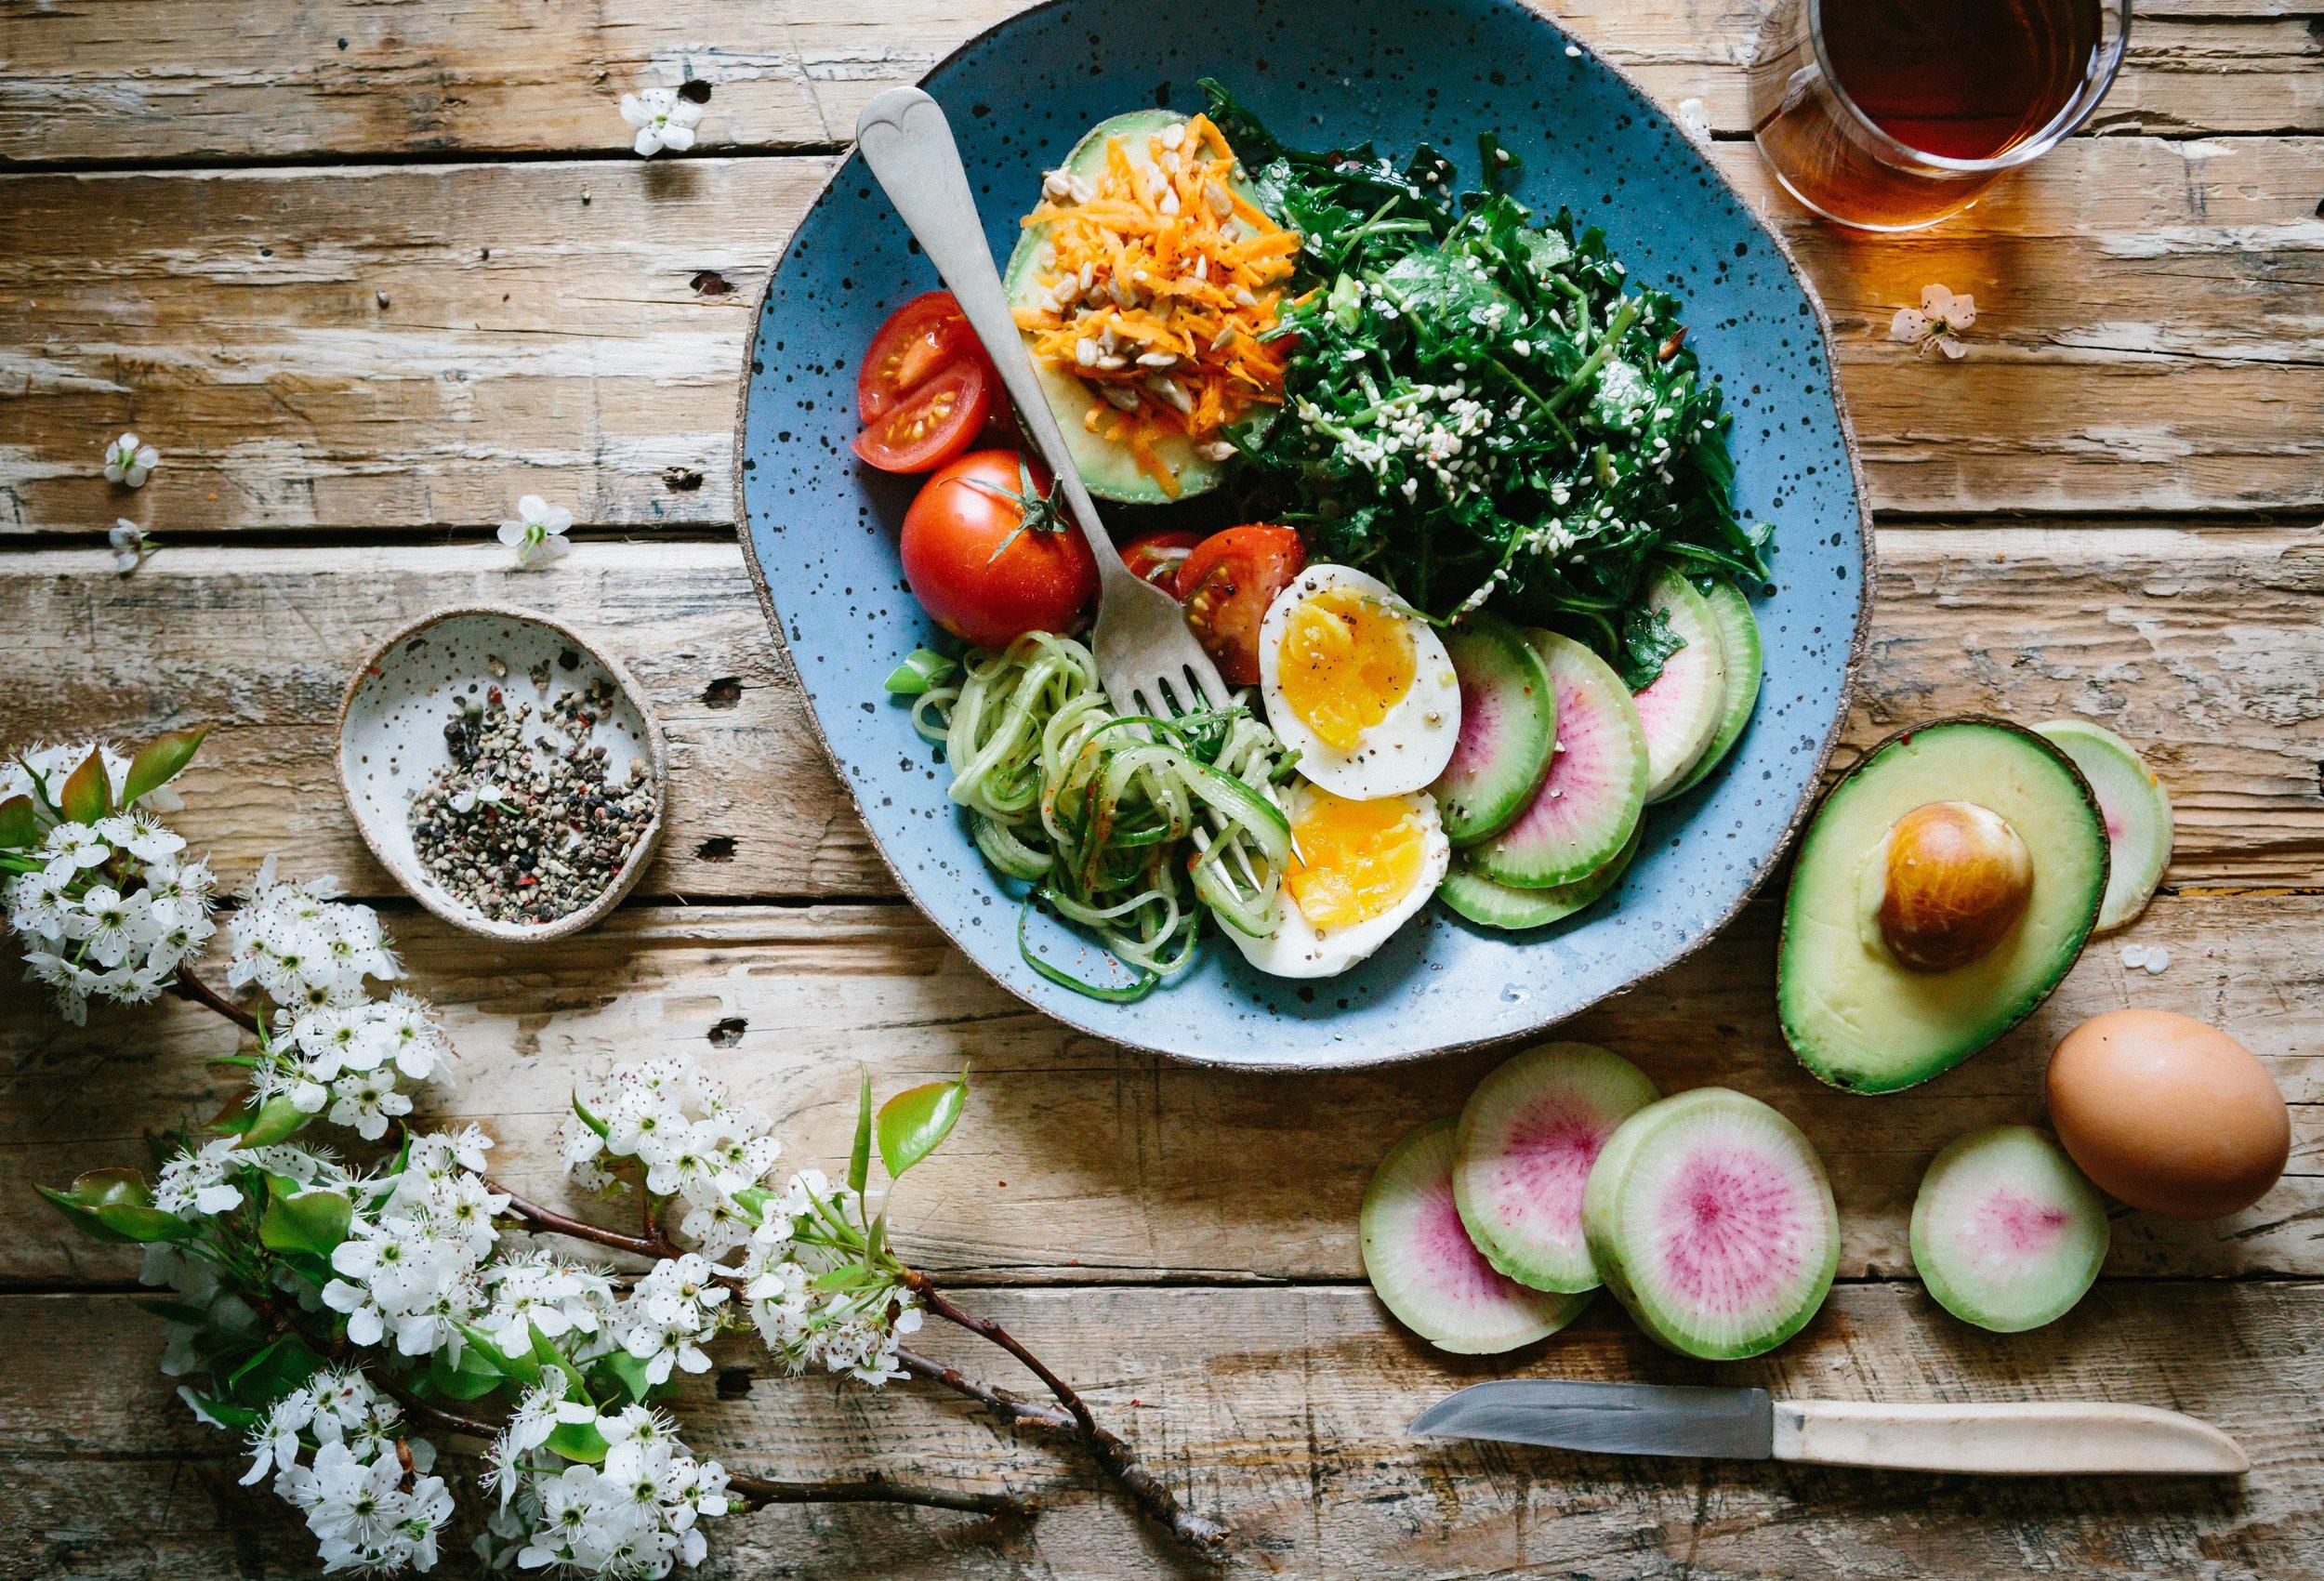 healthy food vegetable and fruit.jpg